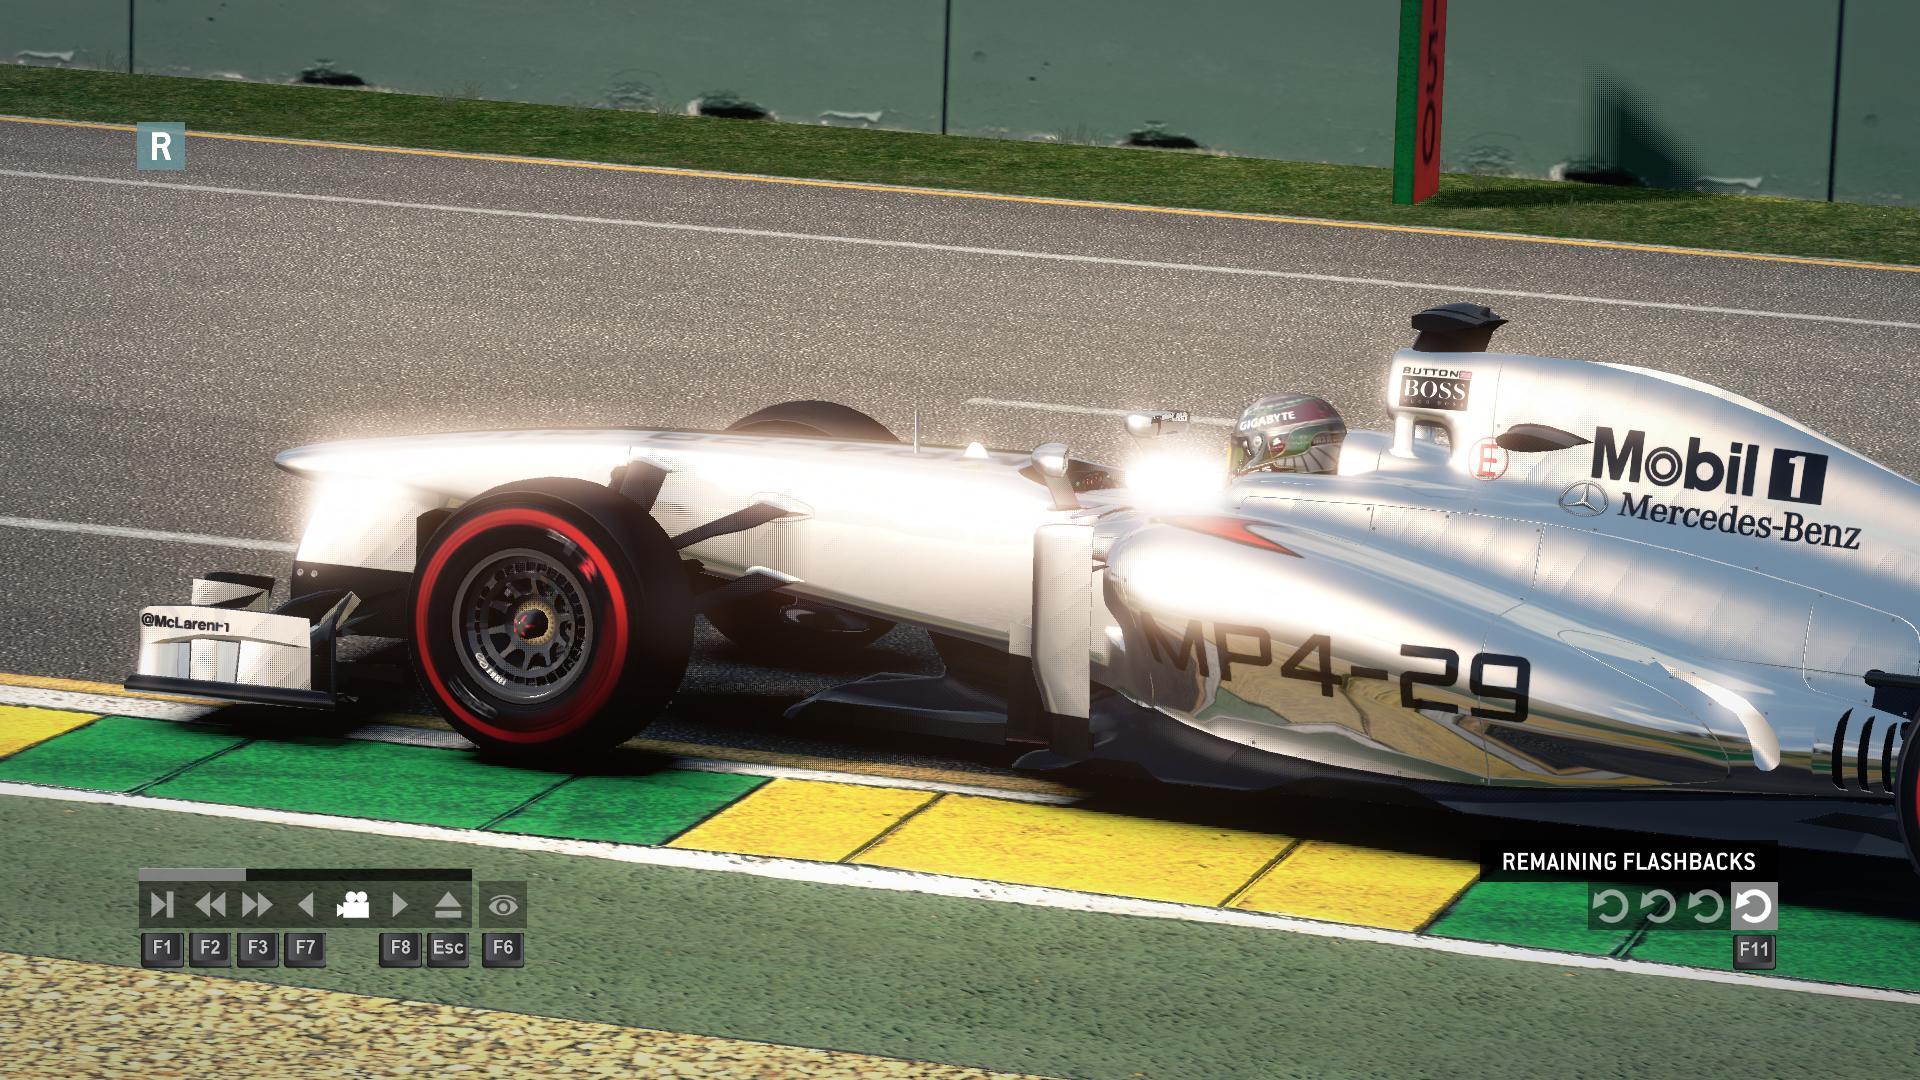 F1_2013 2014-01-29 20-15-54-42.jpg